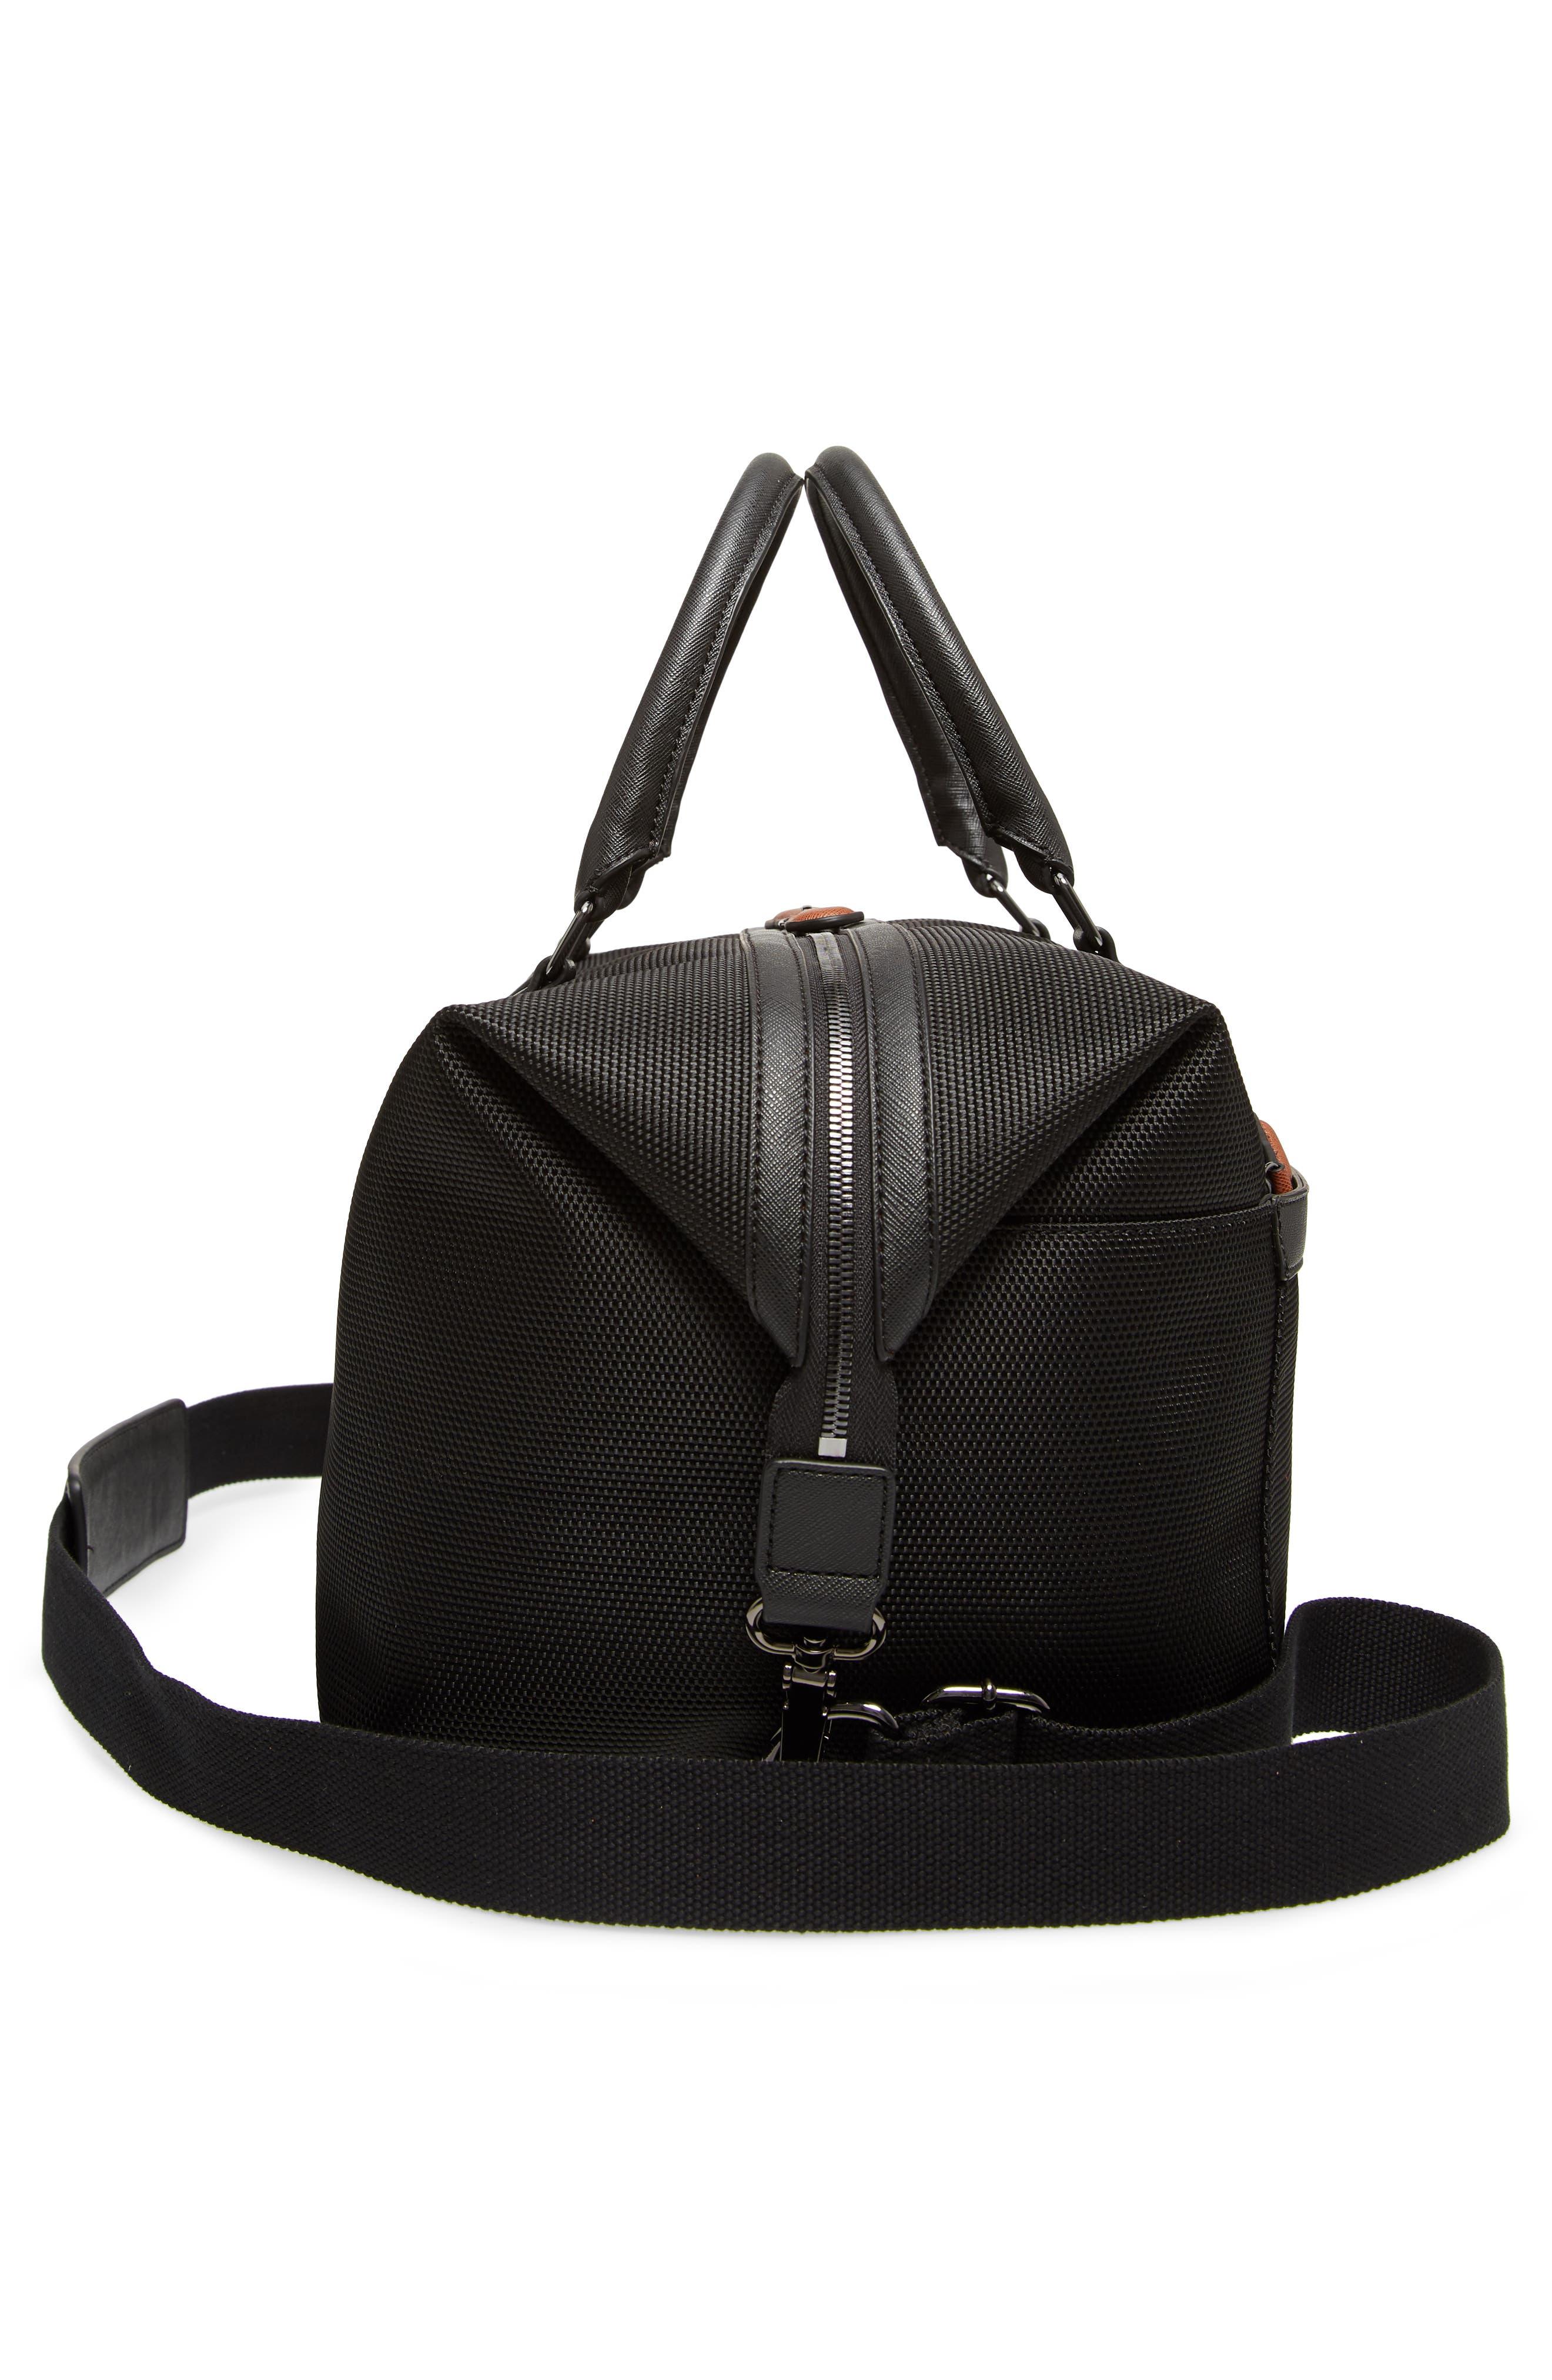 Smart Duffel Bag,                             Alternate thumbnail 5, color,                             001